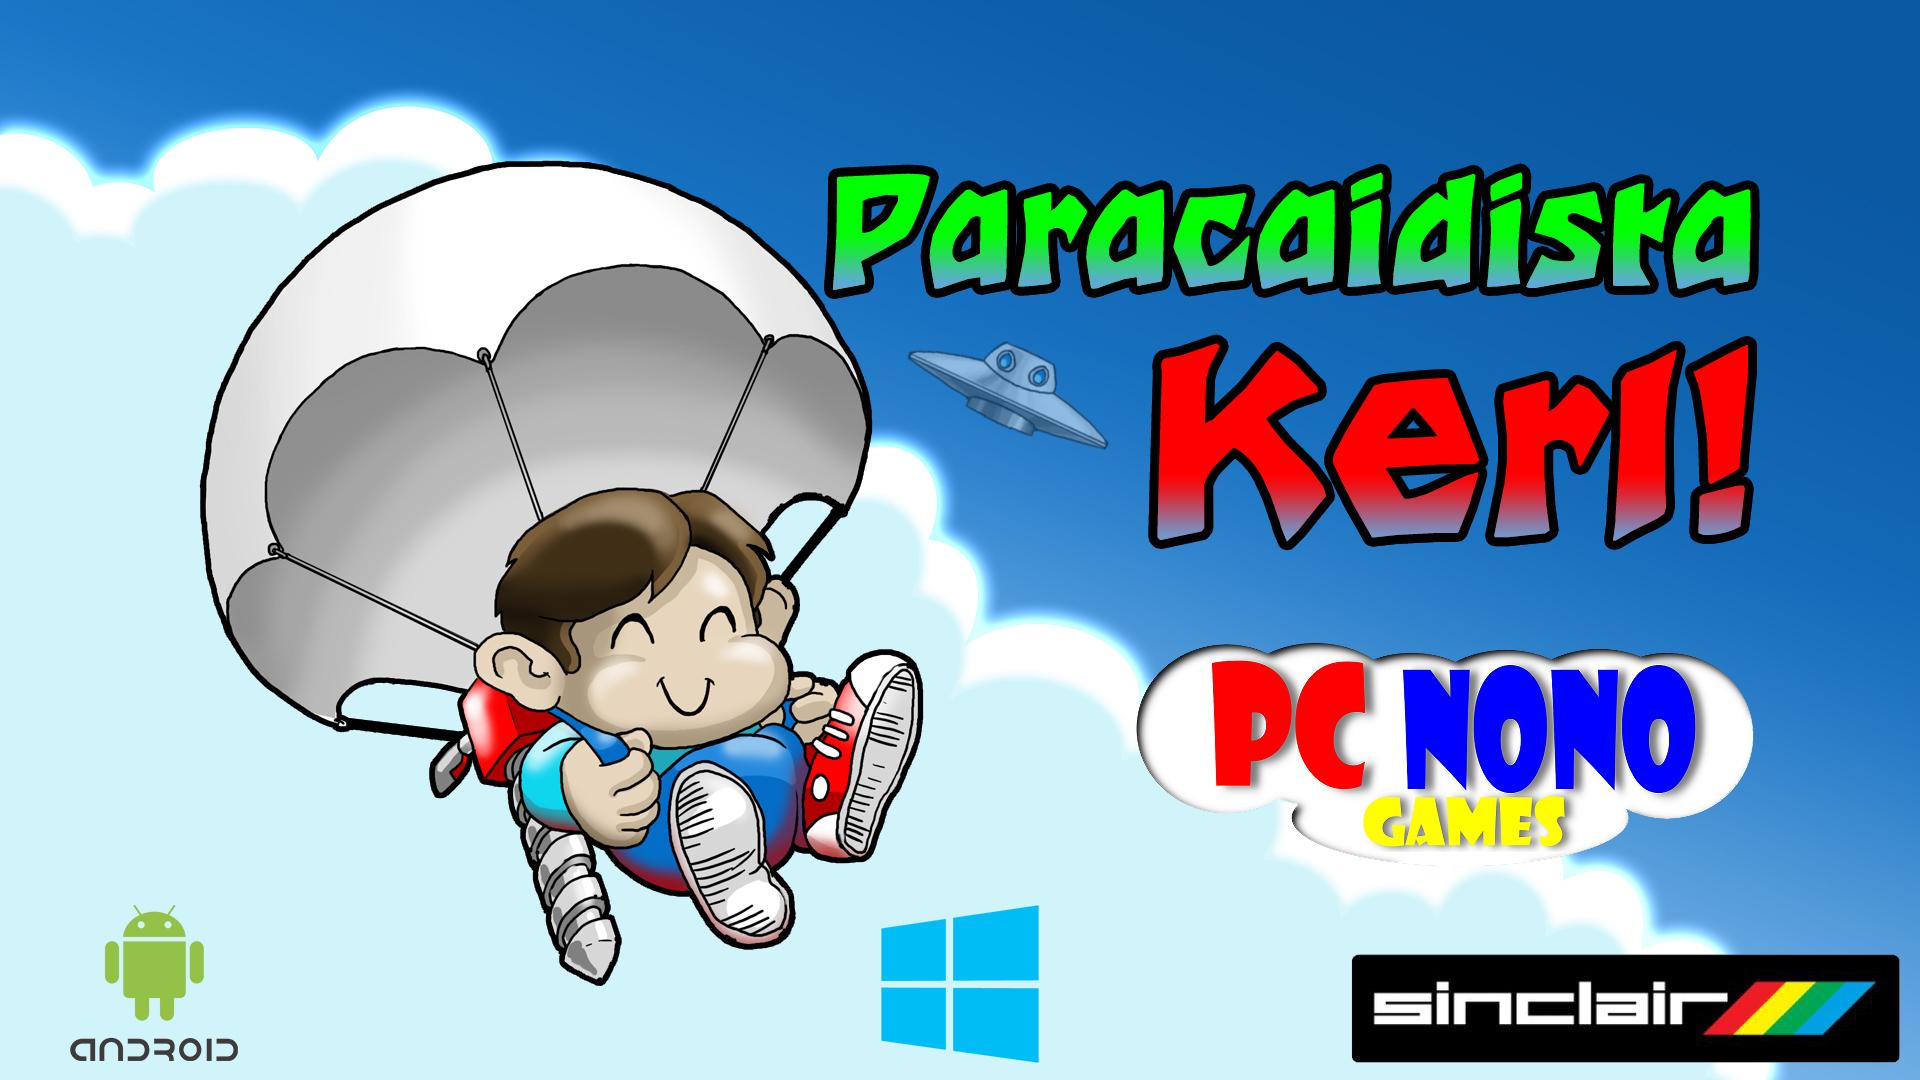 PARACAIDISTA Kerl (Android, Windows, Spectrum)